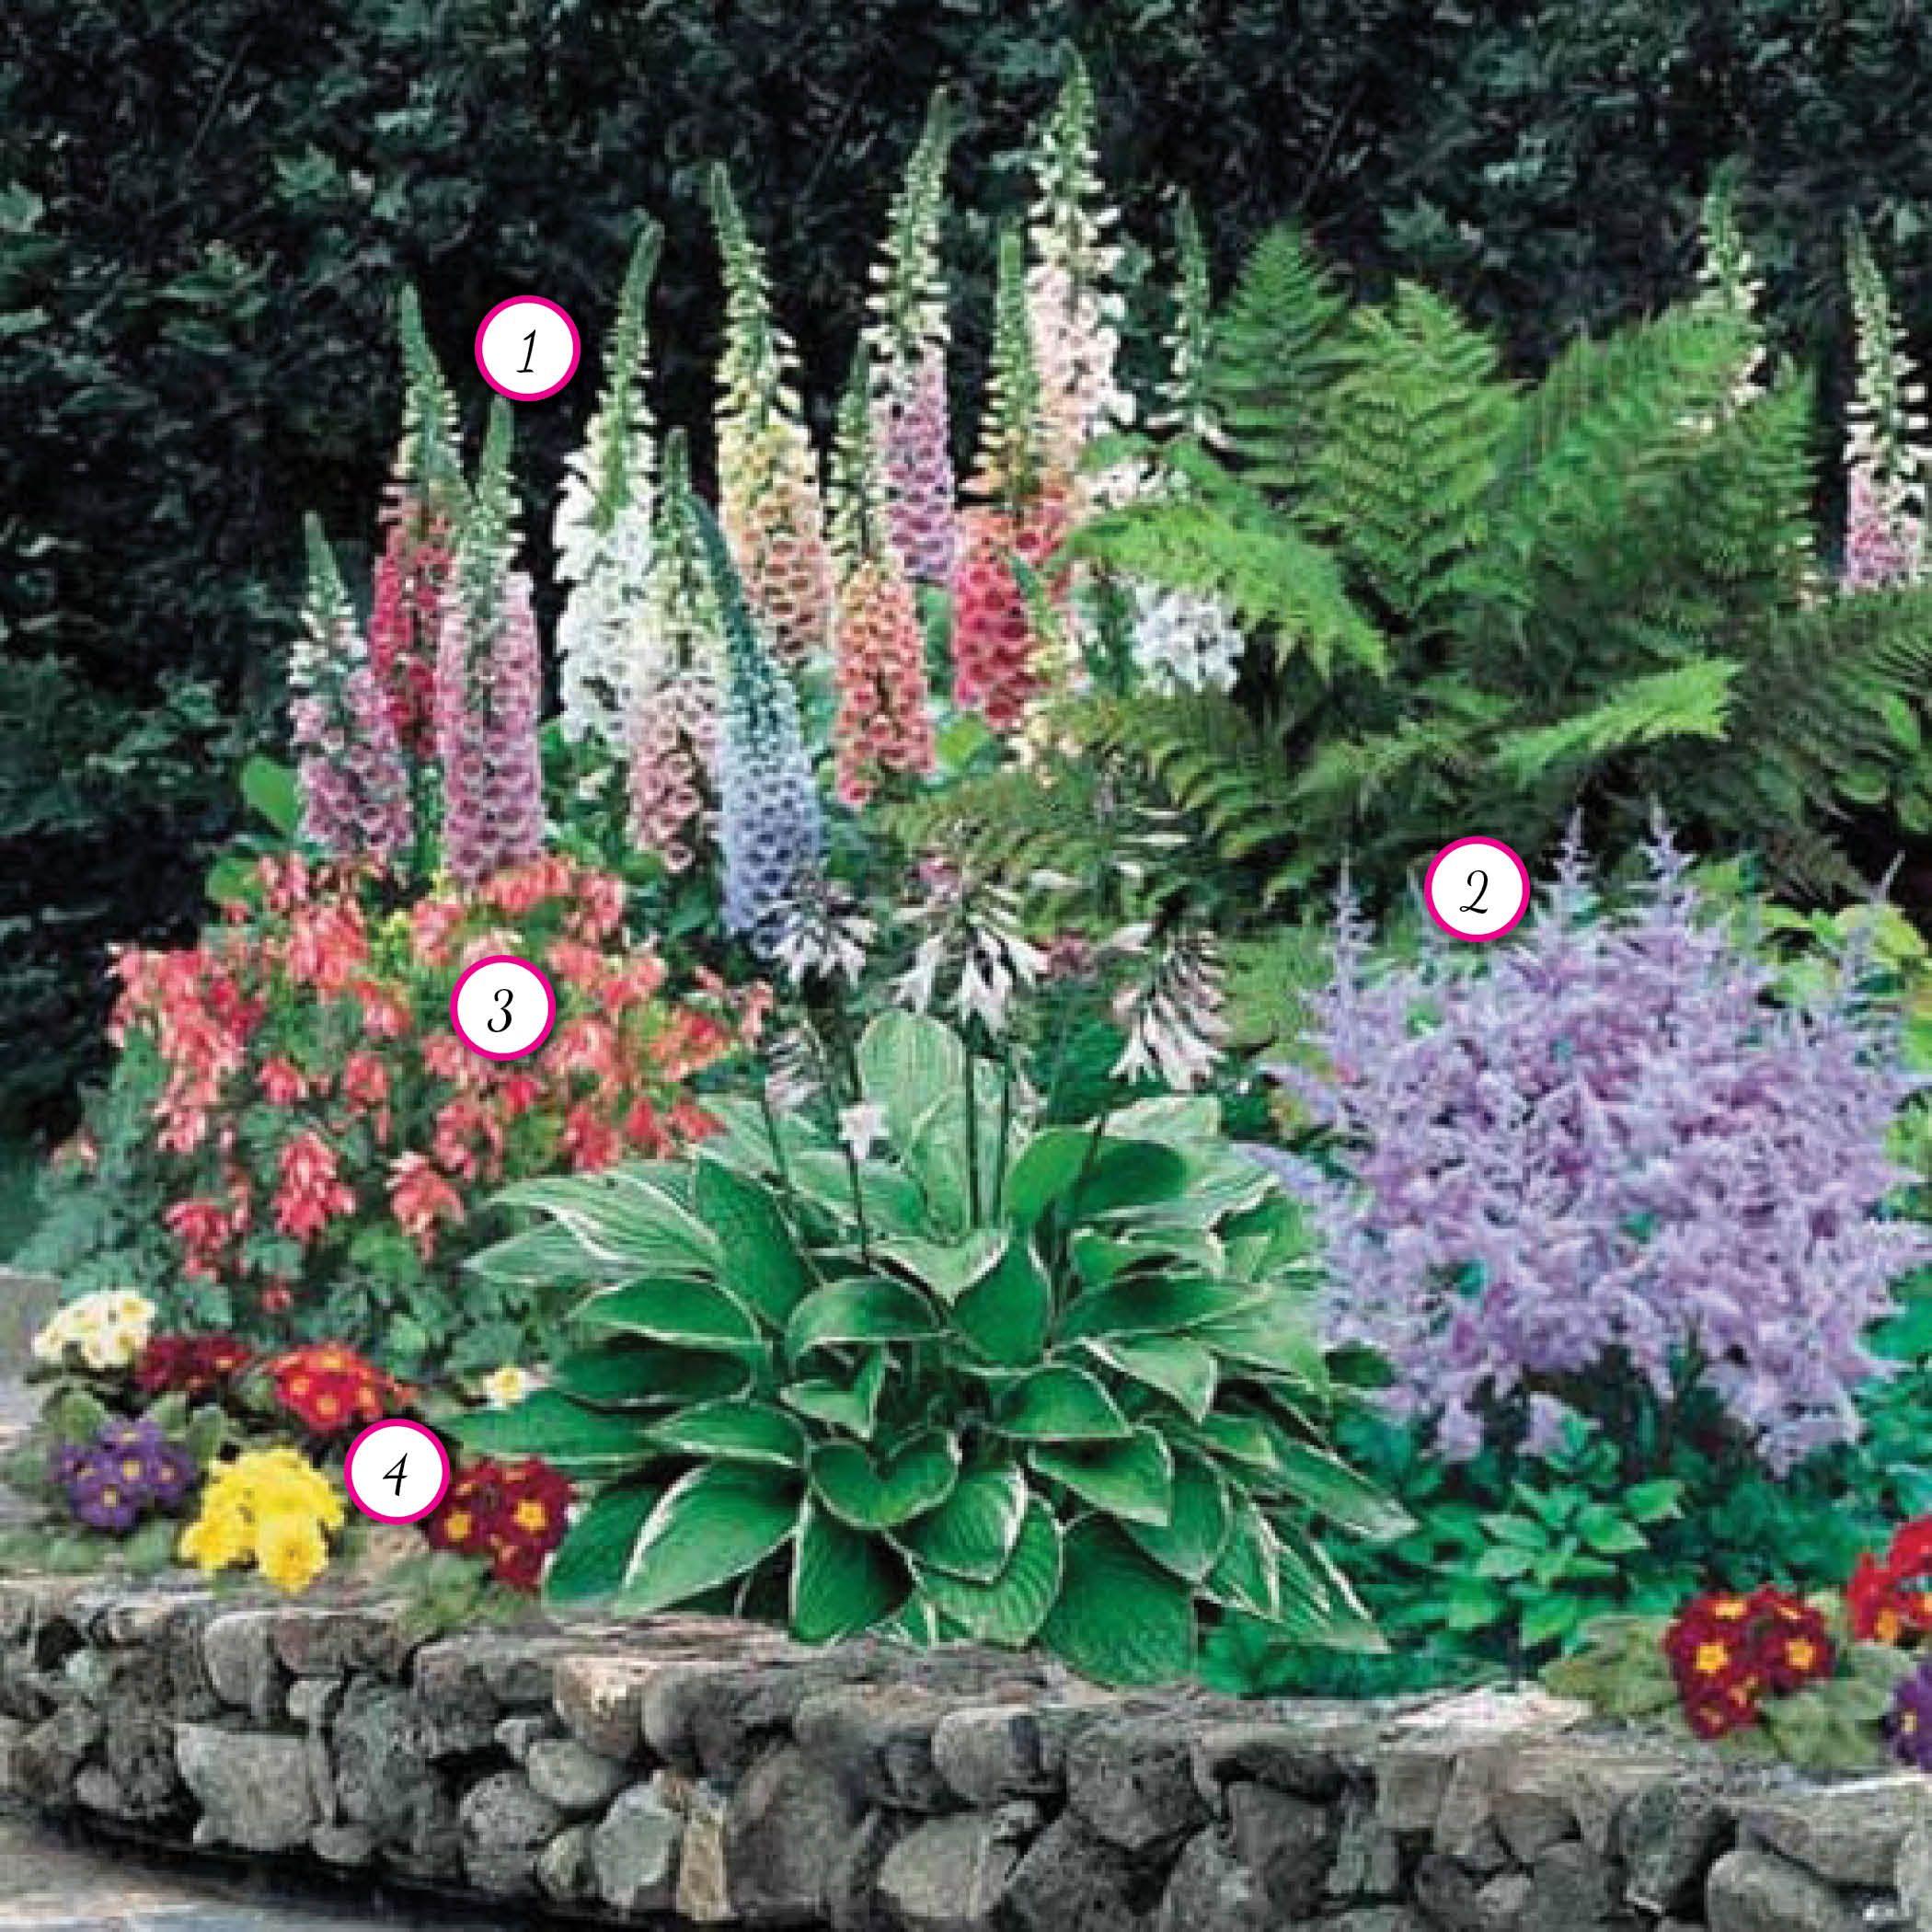 Flower Garden: Shade Perrenials €�1: Mixed Foxglove €�2: Astilbe €�3